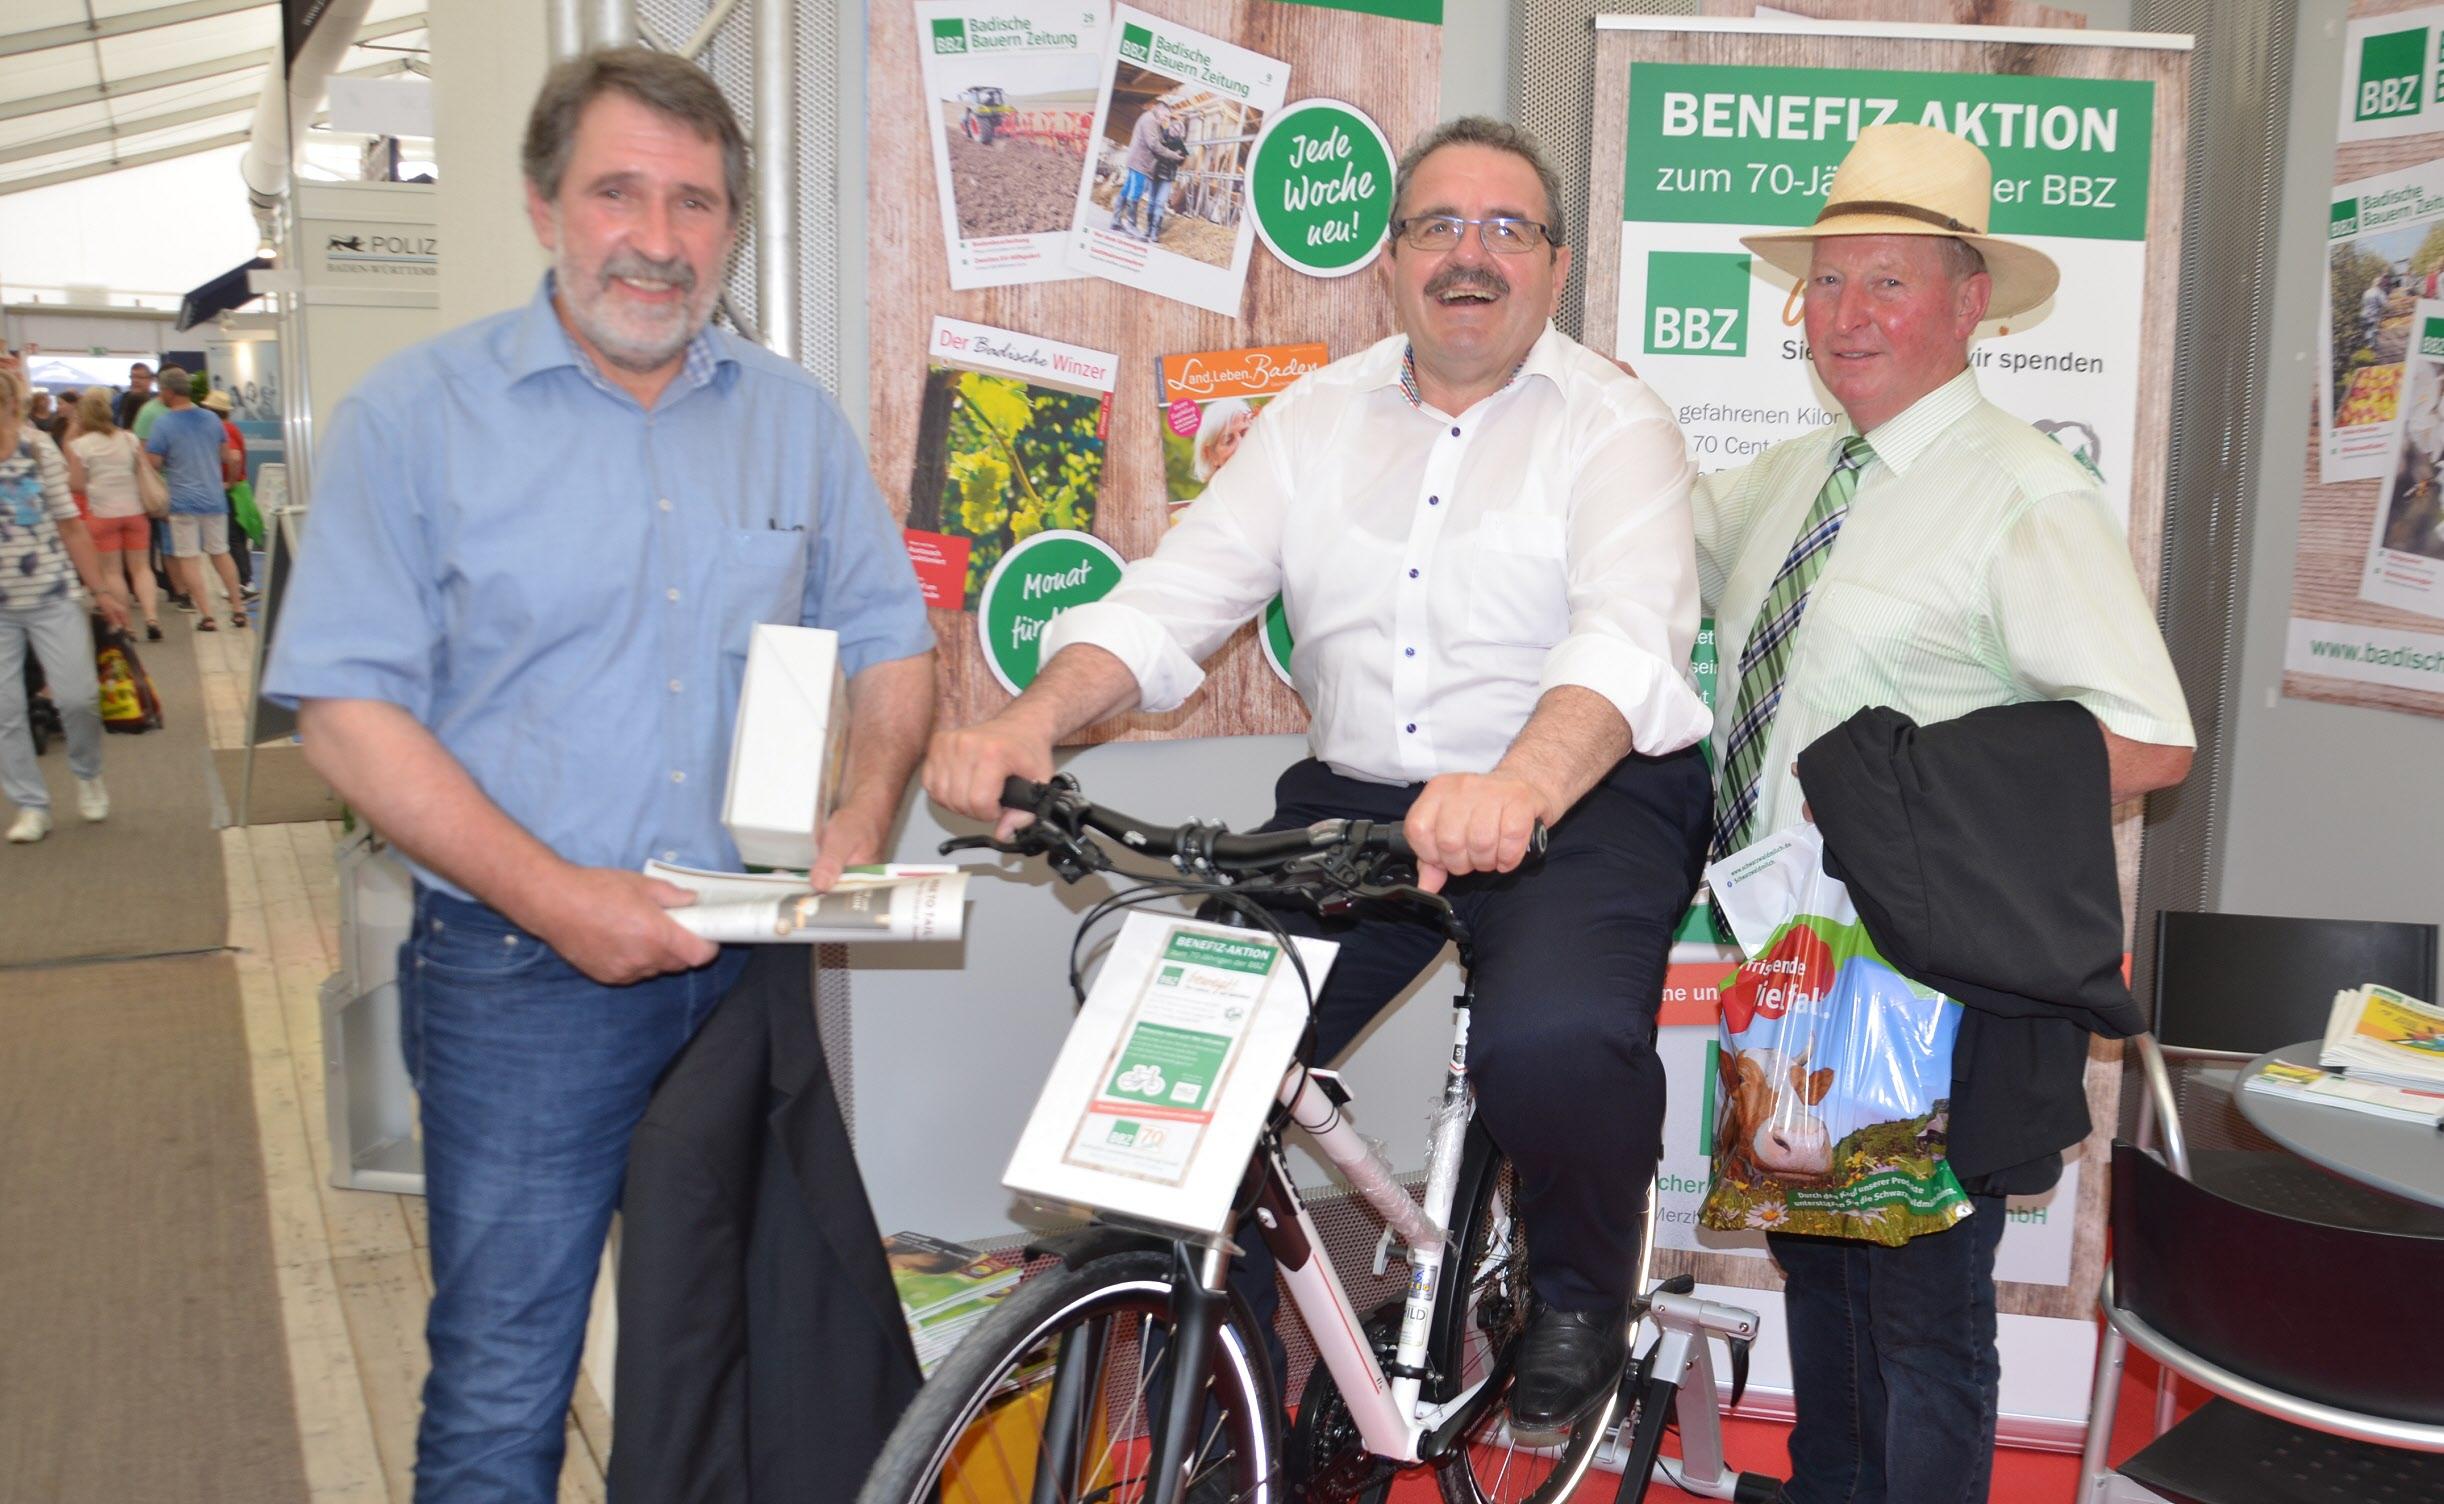 Auch BLHV-Vertreter unterstützten die Aktion, von links: Bernhard Bolkart (Vizepräsident), Karl Rombach (ehem. Vize-Präsident), Frannz Kappeler (Vizepräsident)